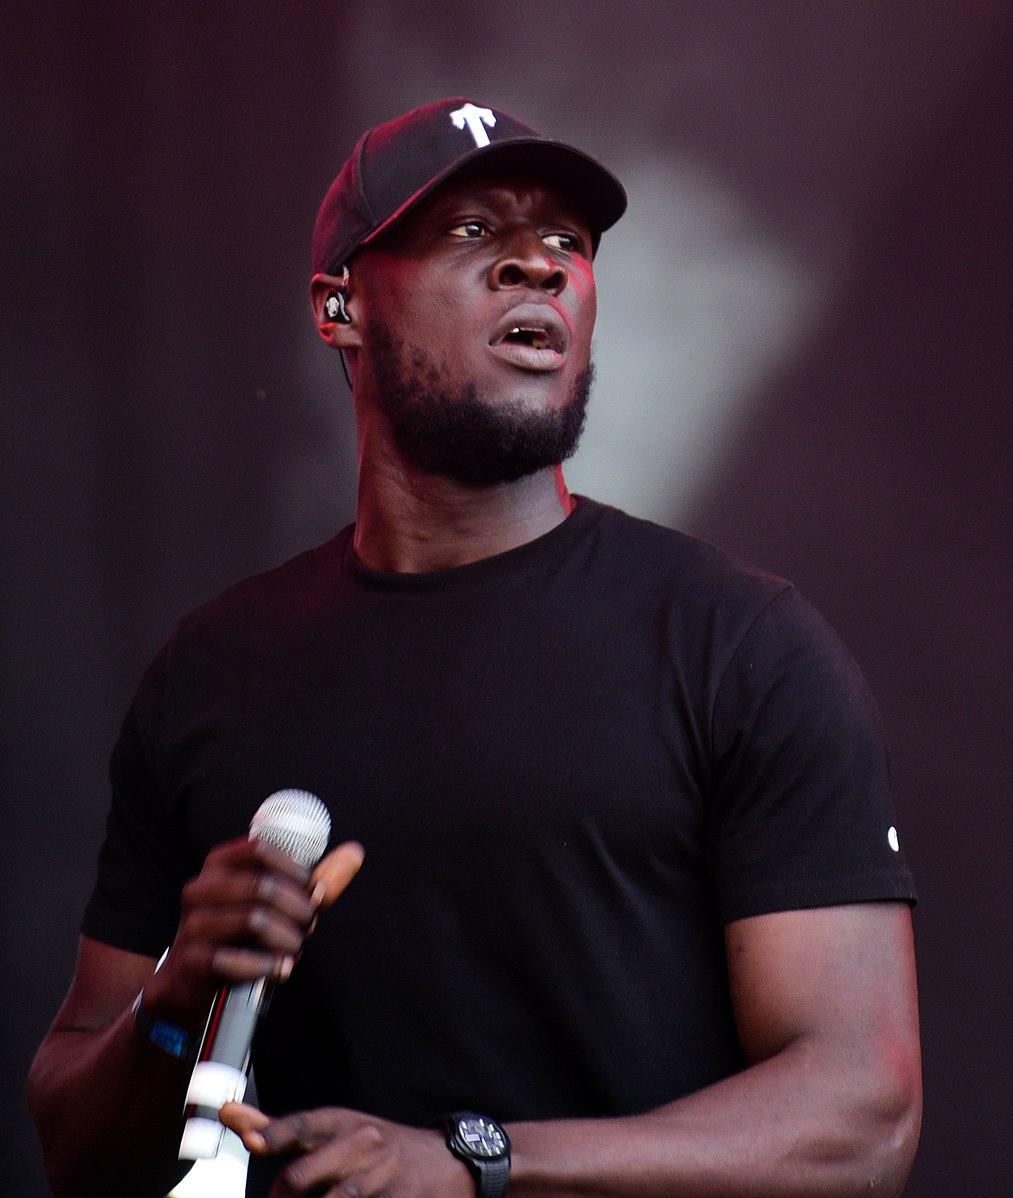 Chanteur rap américain casquette micro Stormzy Blinded by your grace